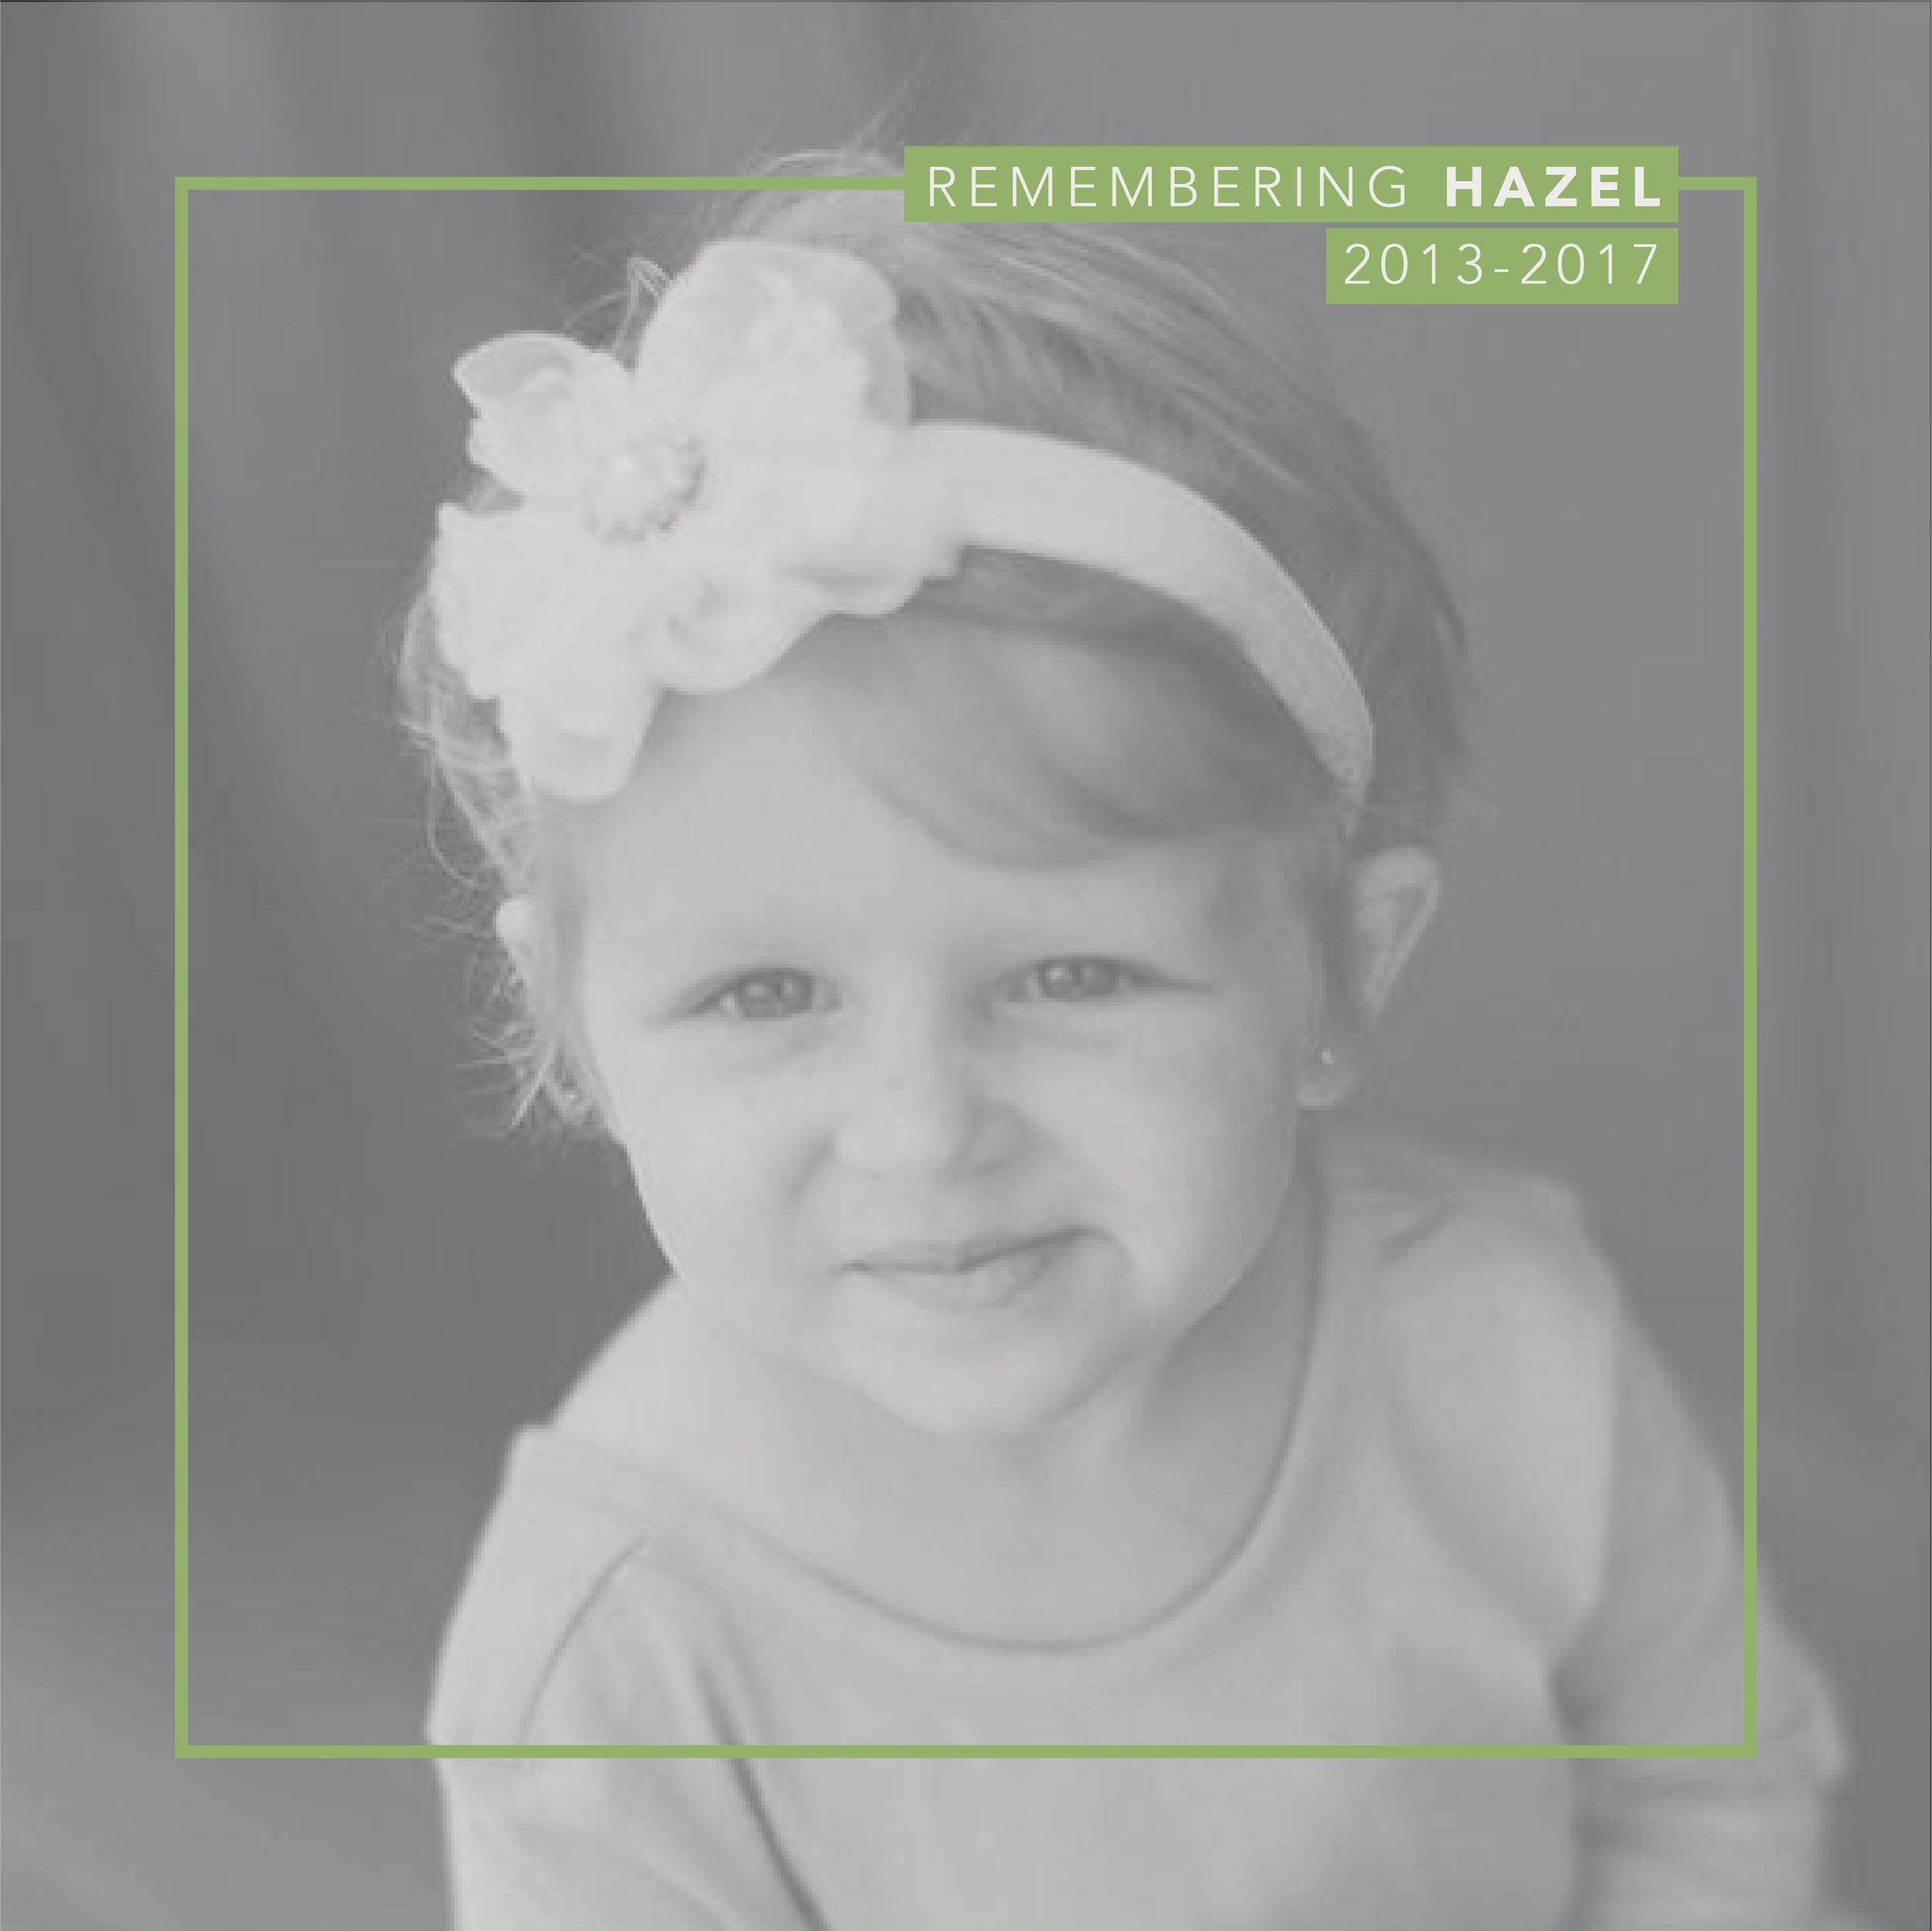 Remembering Hazel